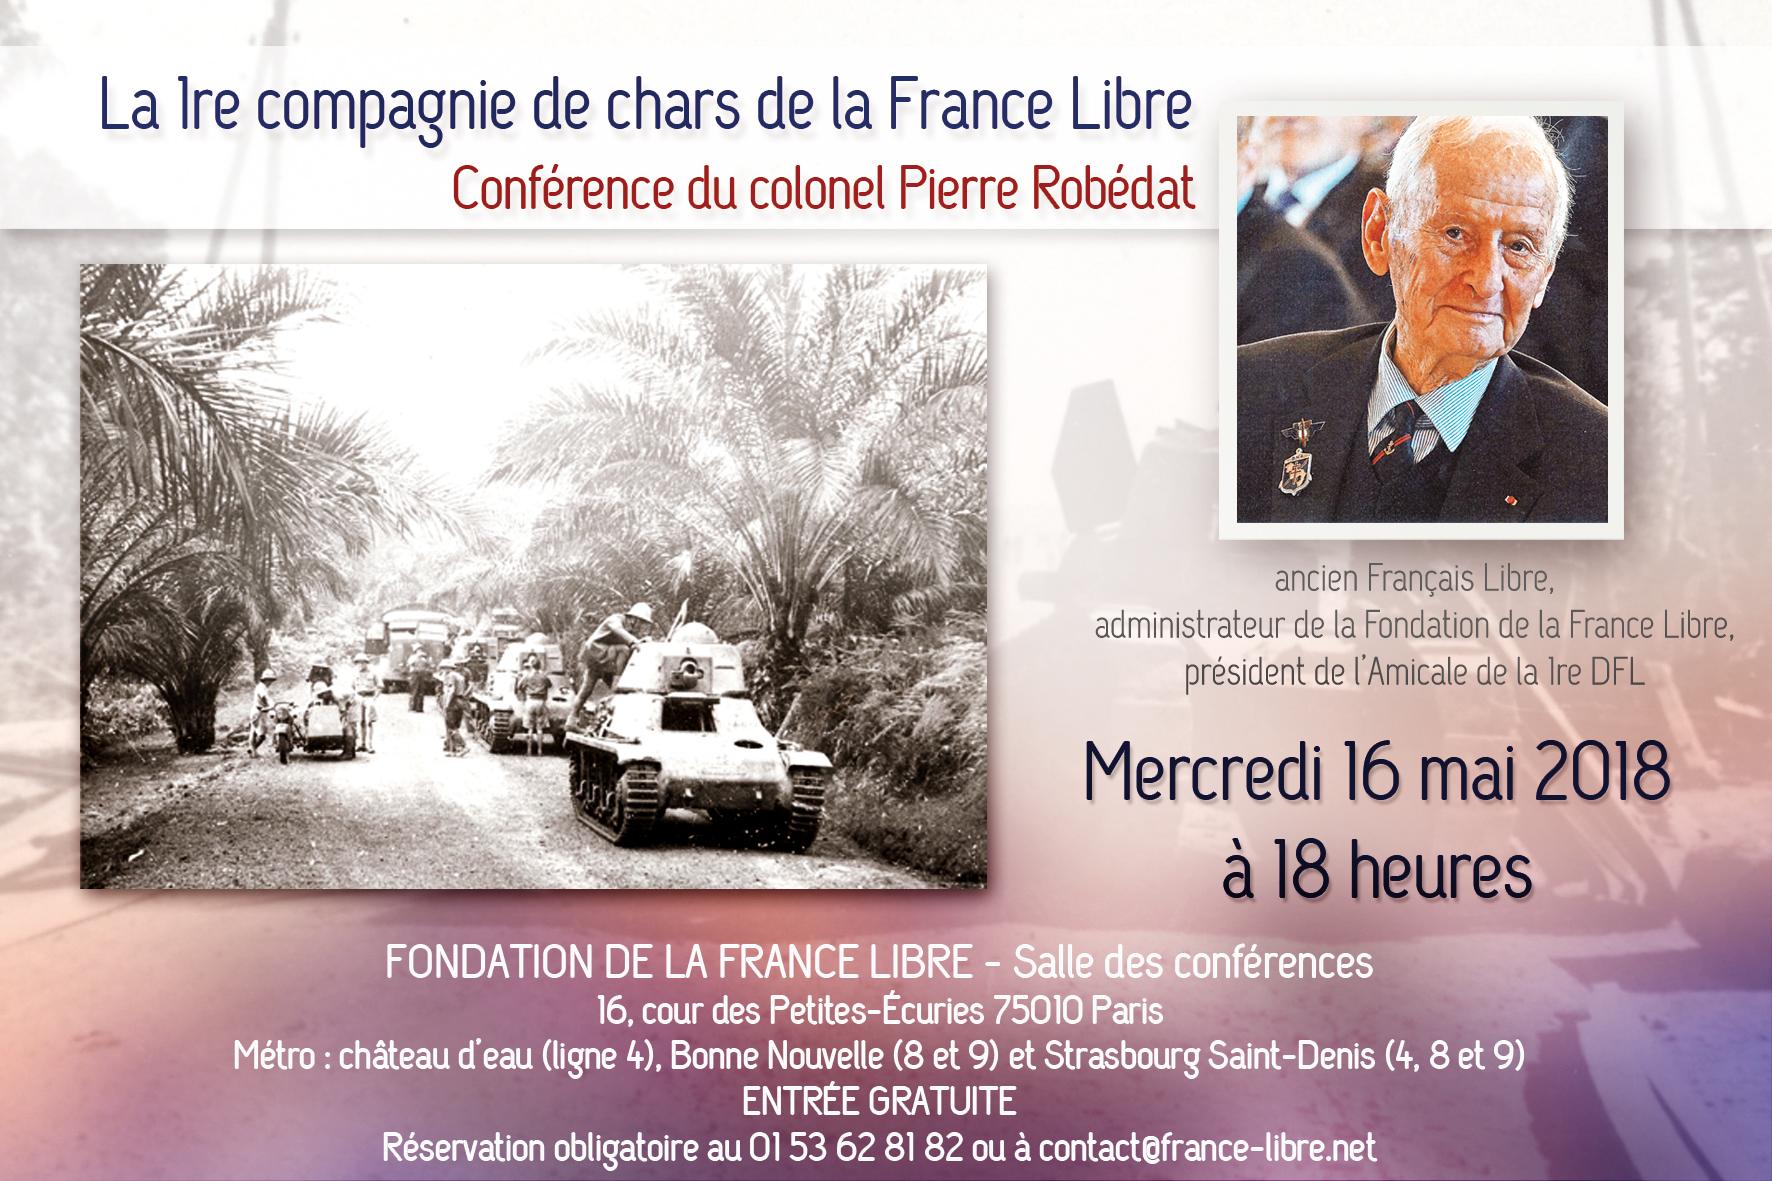 La 1re compagnie de chars de la France Libre (conférence)